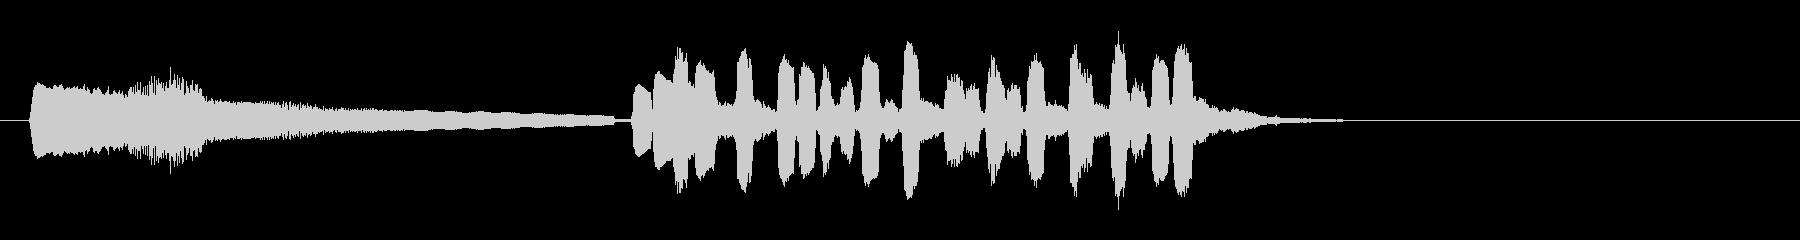 テーマ6B:ピアノ、トランペットの未再生の波形